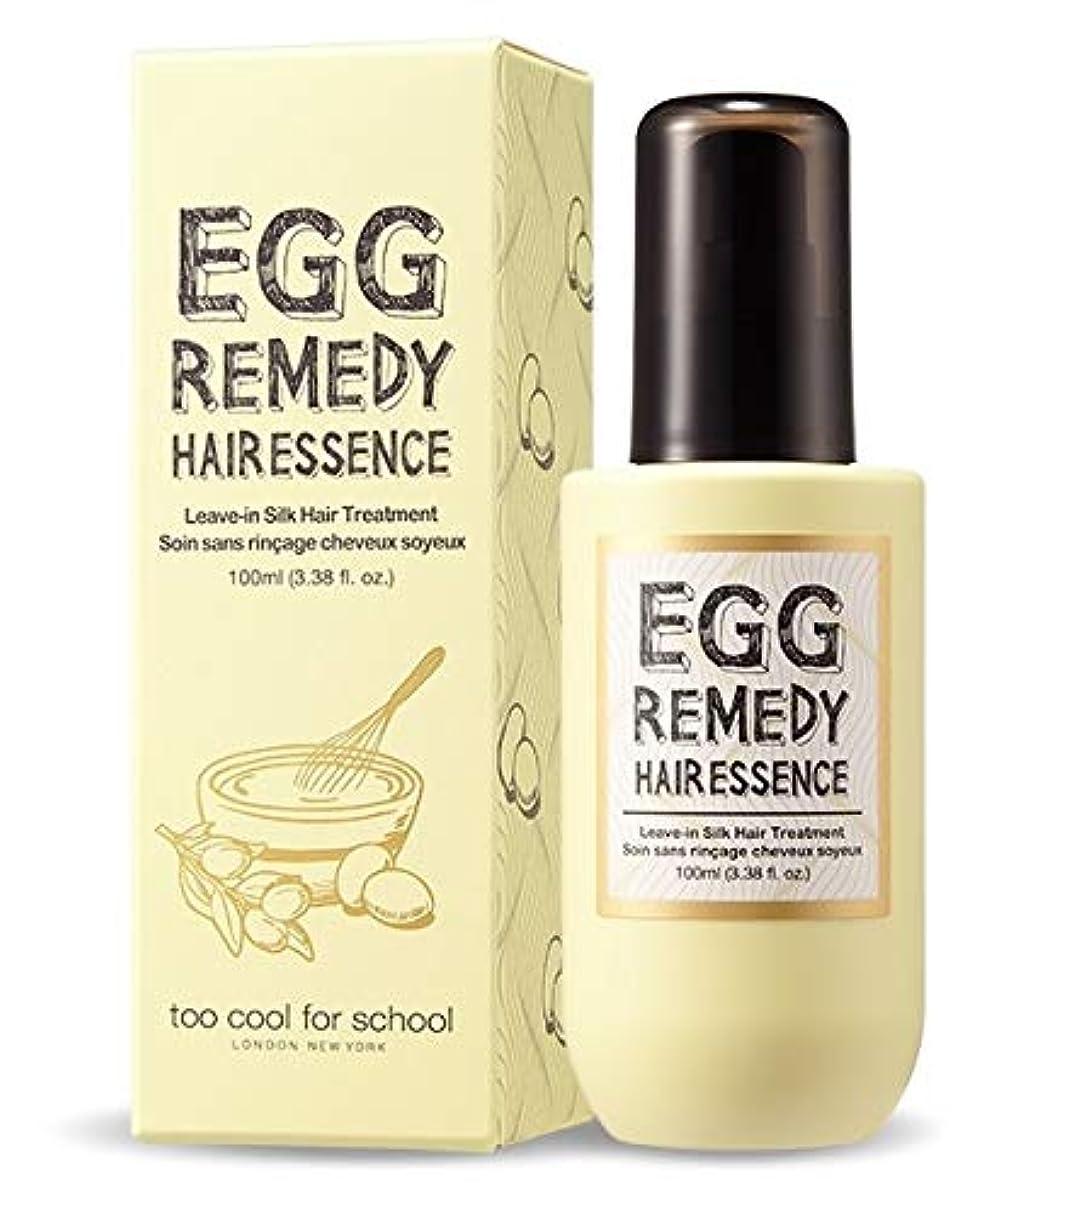 ビール増強する自宅でToo Cool For School ツークルポスクール EGG Remedy Hair Essence ヘアエッセンス100ml Damaged hair care, For dry hair